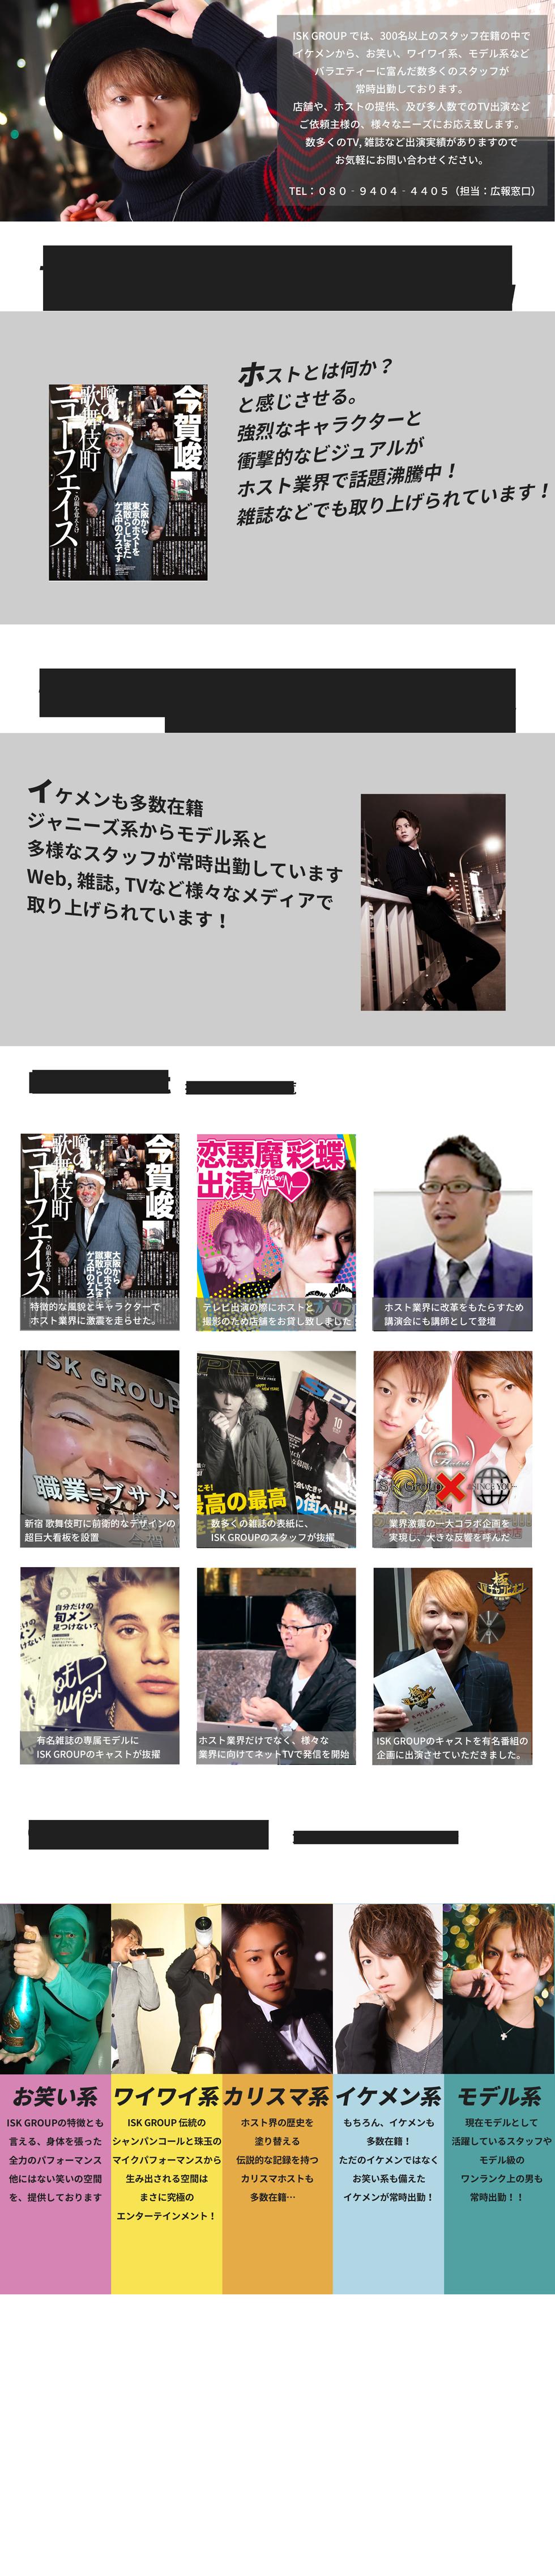 ISK_Hatch_media_top